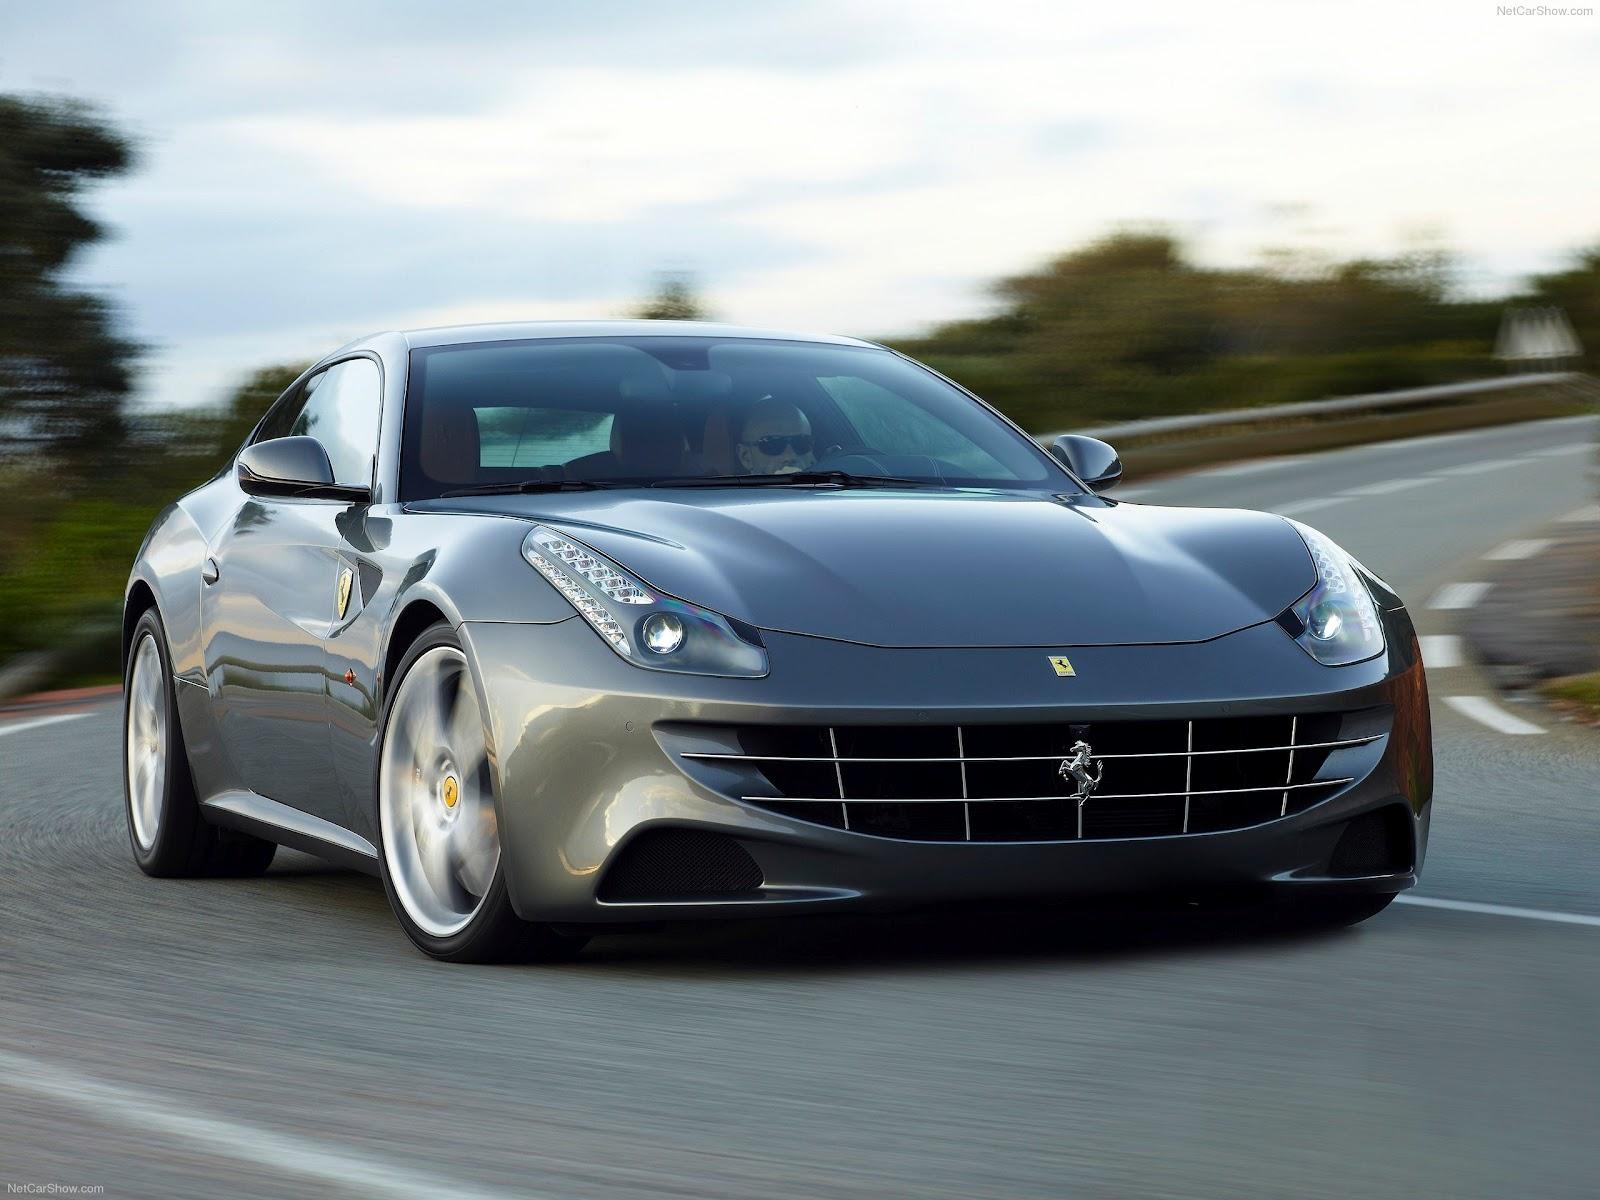 http://3.bp.blogspot.com/-U2L7yIZSF00/T3lFhcsnf_I/AAAAAAAADYY/tbD0xS8MzAM/s1600/Ferrari+Wallpaper+-+06.jpg